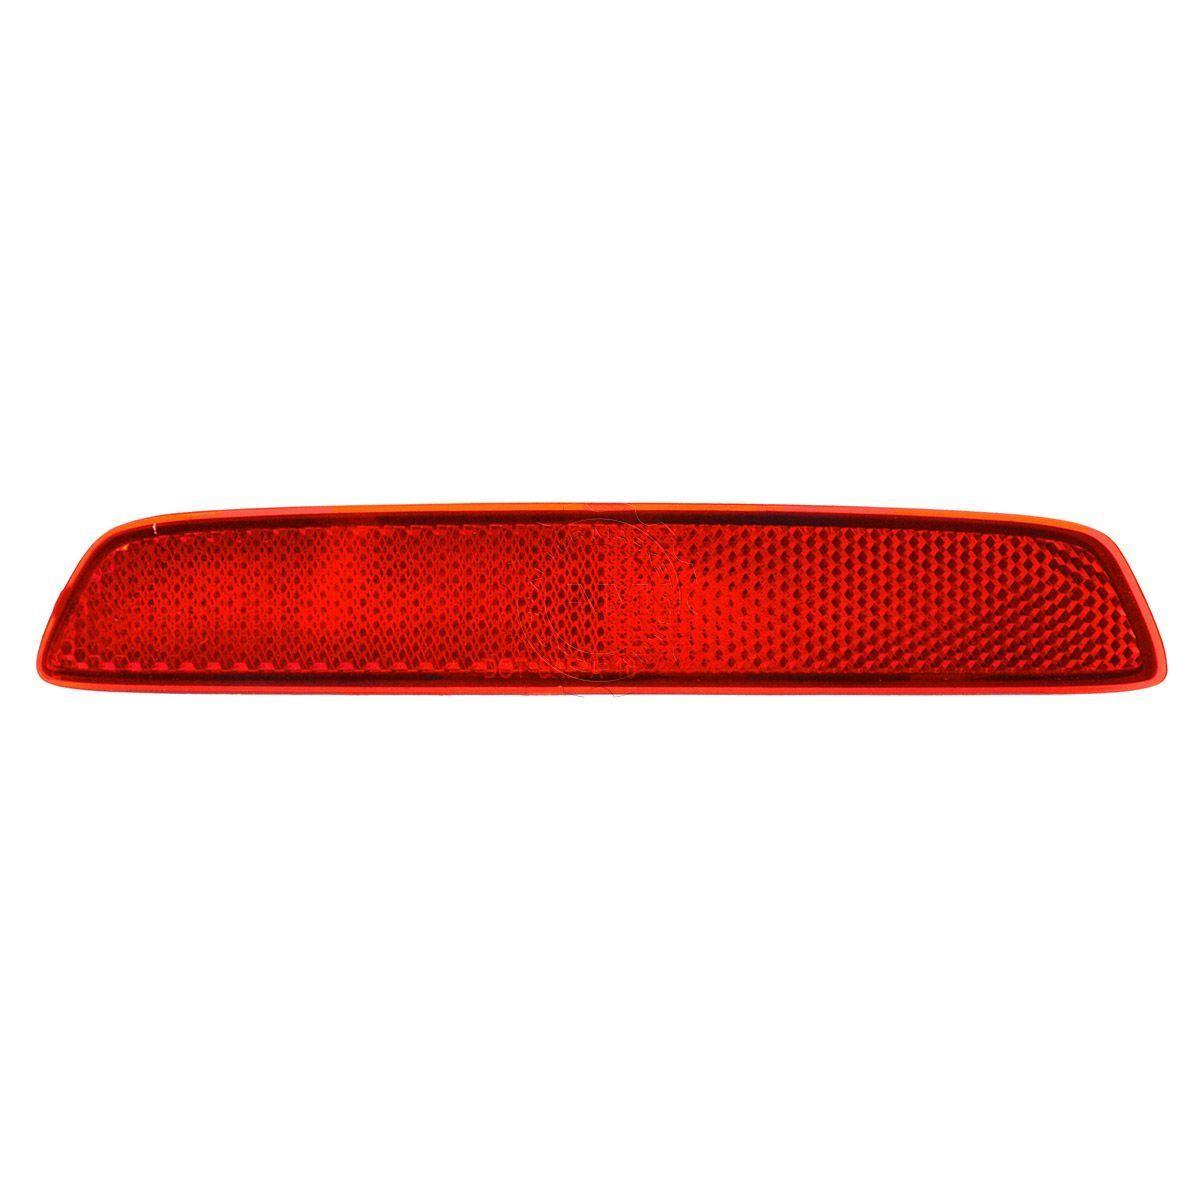 コーナーライト Side Reflector Rear Bumper Mounted Driver Left LH for 10-13 GMC Terrain サイドリフレクターリアバンパー搭載ドライバーLH 10-13 GMCテレイン用